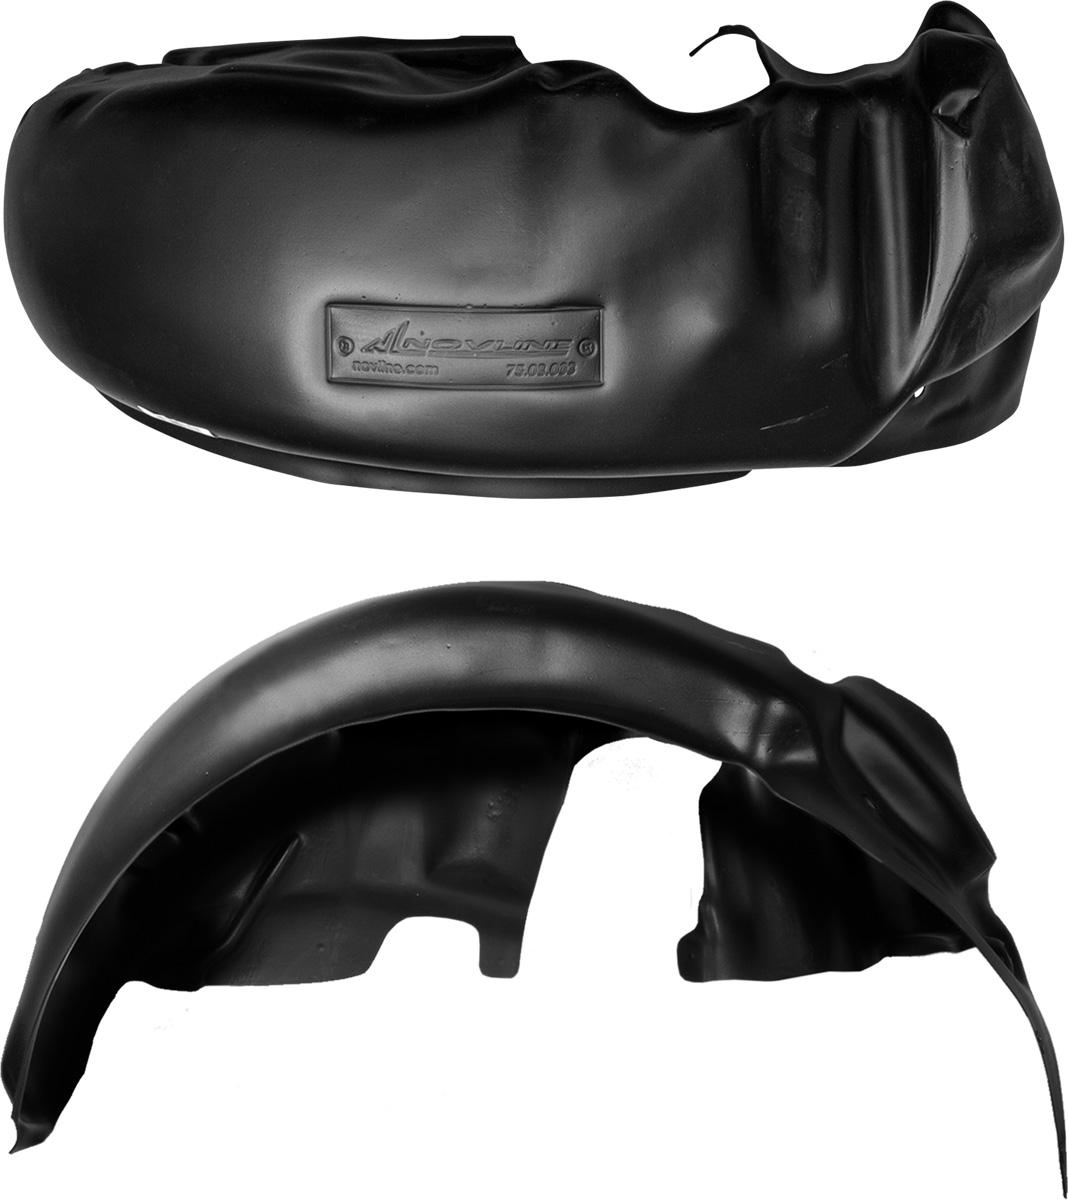 Подкрылок Novline-Autofamily, для Great Wall Hover H3/H5, 2010->, задний левыйCA-3505Колесные ниши - одни из самых уязвимых зон днища вашего автомобиля. Они постоянно подвергаются воздействию со стороны дороги. Лучшая, почти абсолютная защита для них - специально отформованные пластиковые кожухи, которые называются подкрылками. Производятся они как для отечественных моделей автомобилей, так и для иномарок. Подкрылки Novline-Autofamily выполнены из высококачественного, экологически чистого пластика. Обеспечивают надежную защиту кузова автомобиля от пескоструйного эффекта и негативного влияния, агрессивных антигололедных реагентов. Пластик обладает более низкой теплопроводностью, чем металл, поэтому в зимний период эксплуатации использование пластиковых подкрылков позволяет лучше защитить колесные ниши от налипания снега и образования наледи. Оригинальность конструкции подчеркивает элегантность автомобиля, бережно защищает нанесенное на днище кузова антикоррозийное покрытие и позволяет осуществить крепление подкрылков внутри колесной арки практически без дополнительного крепежа и сверления, не нарушая при этом лакокрасочного покрытия, что предотвращает возникновение новых очагов коррозии. Подкрылки долговечны, обладают высокой прочностью и сохраняют заданную форму, а также все свои физико-механические характеристики в самых тяжелых климатических условиях (от -50°С до +50°С).Уважаемые клиенты!Обращаем ваше внимание, на тот факт, что подкрылок имеет форму, соответствующую модели данного автомобиля. Фото служит для визуального восприятия товара.